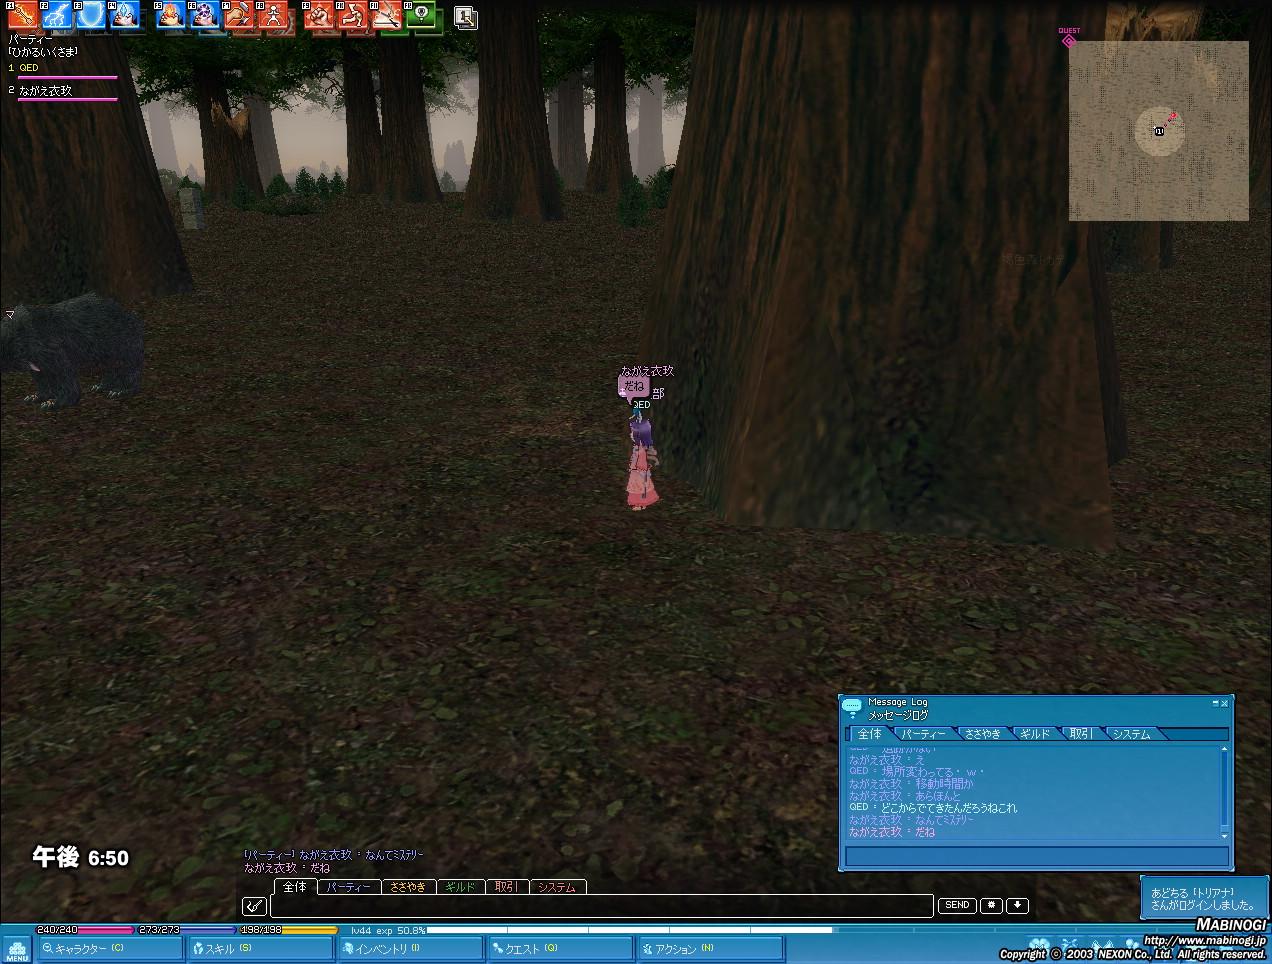 mabinogi_2011_02_03_009.jpg